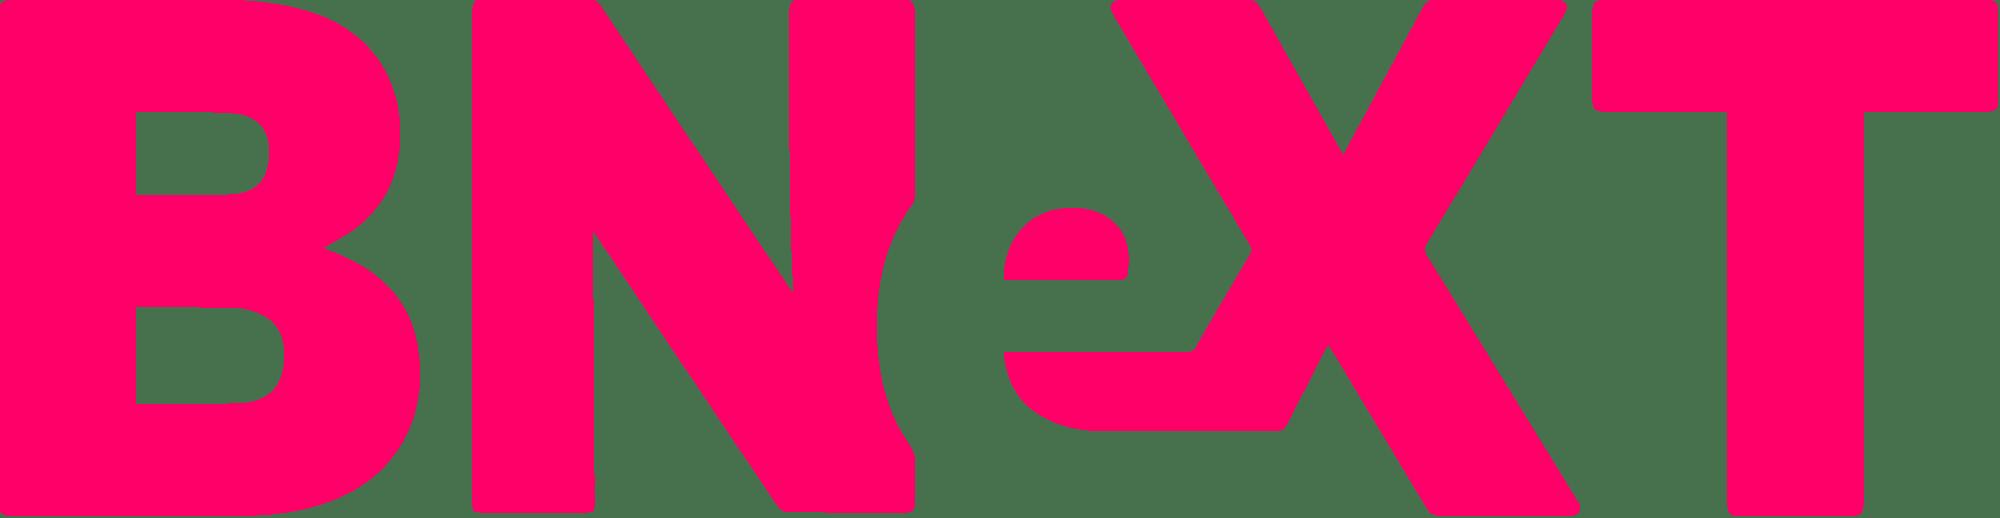 Logo bnext sin fondo y rosa